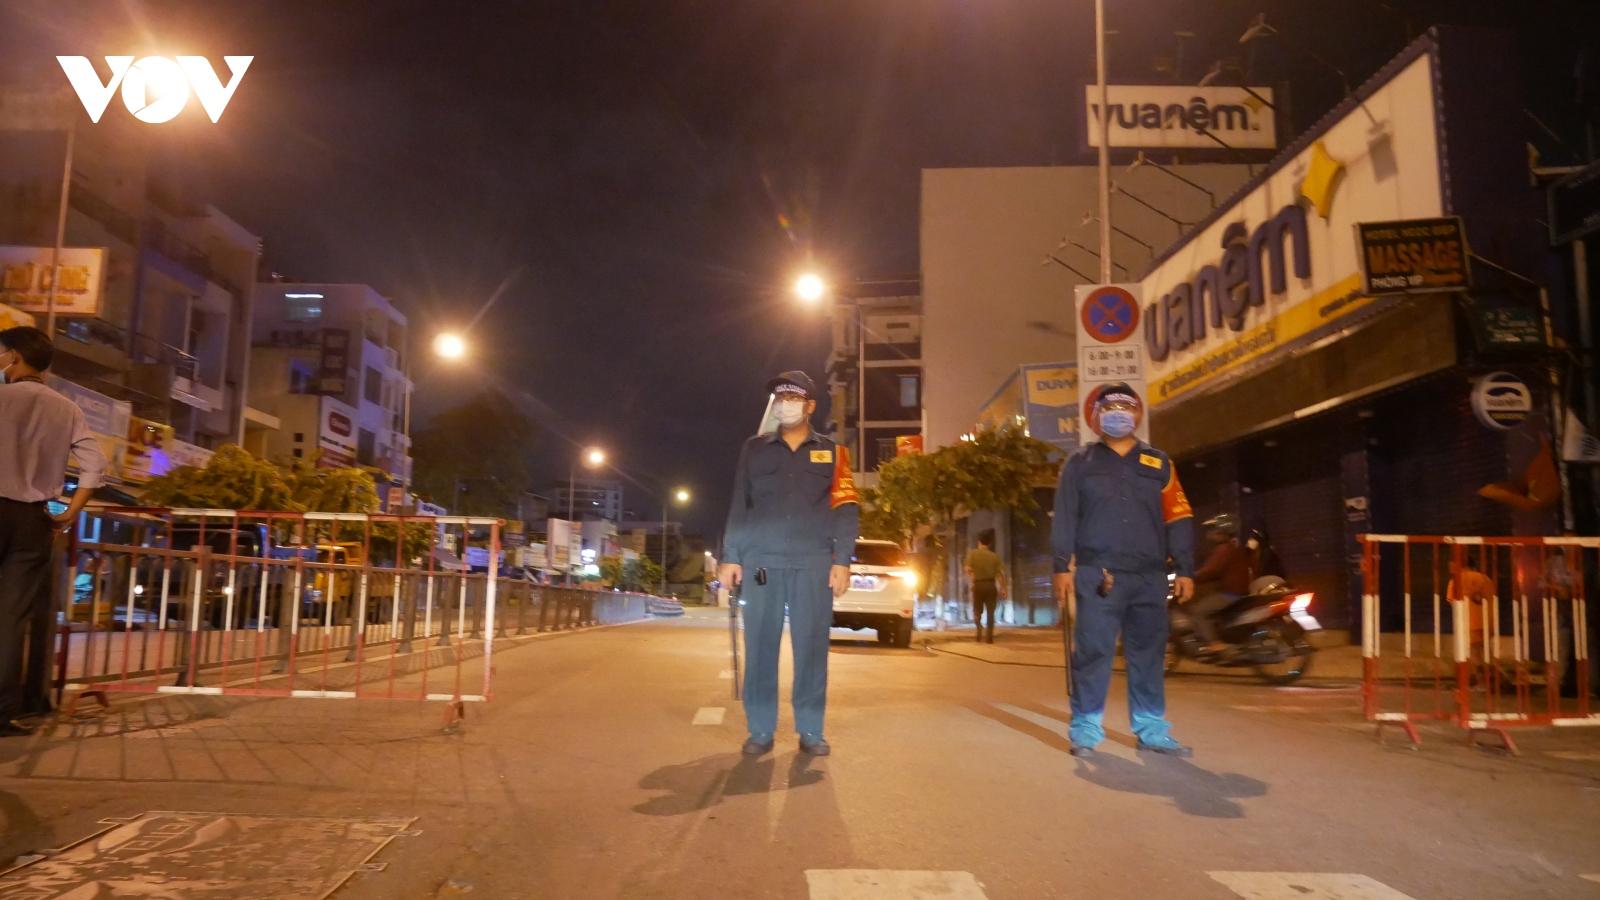 TPHCM giãn cách xã hội, các phương tiện vẫn được phép đi qua quận Gò Vấp